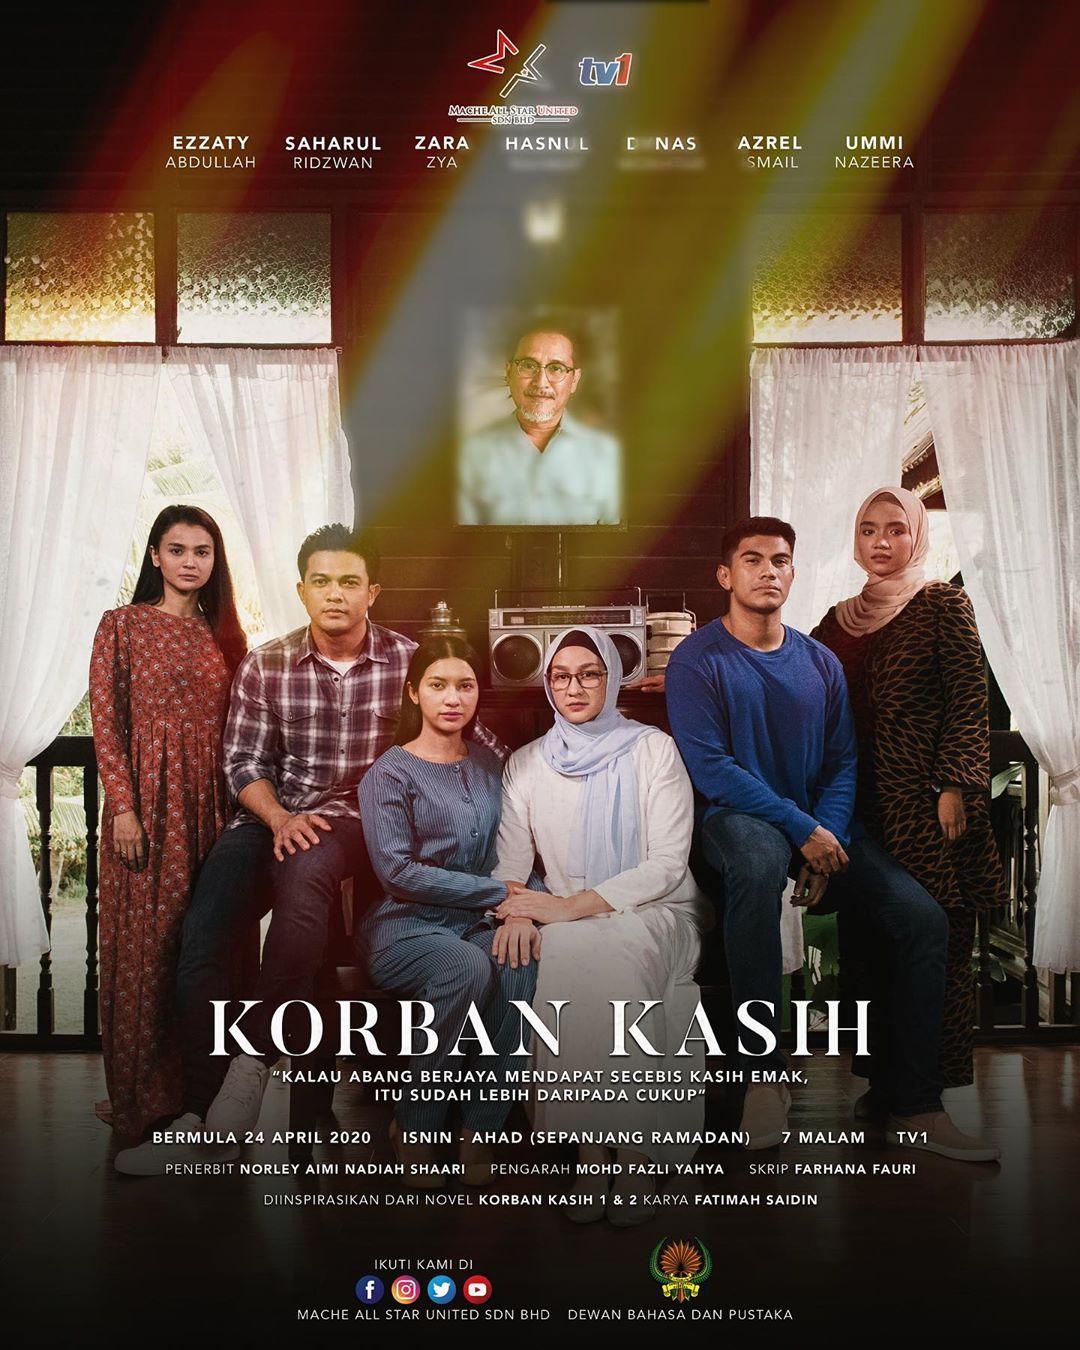 Drama Korban Kasih (2020) TV1